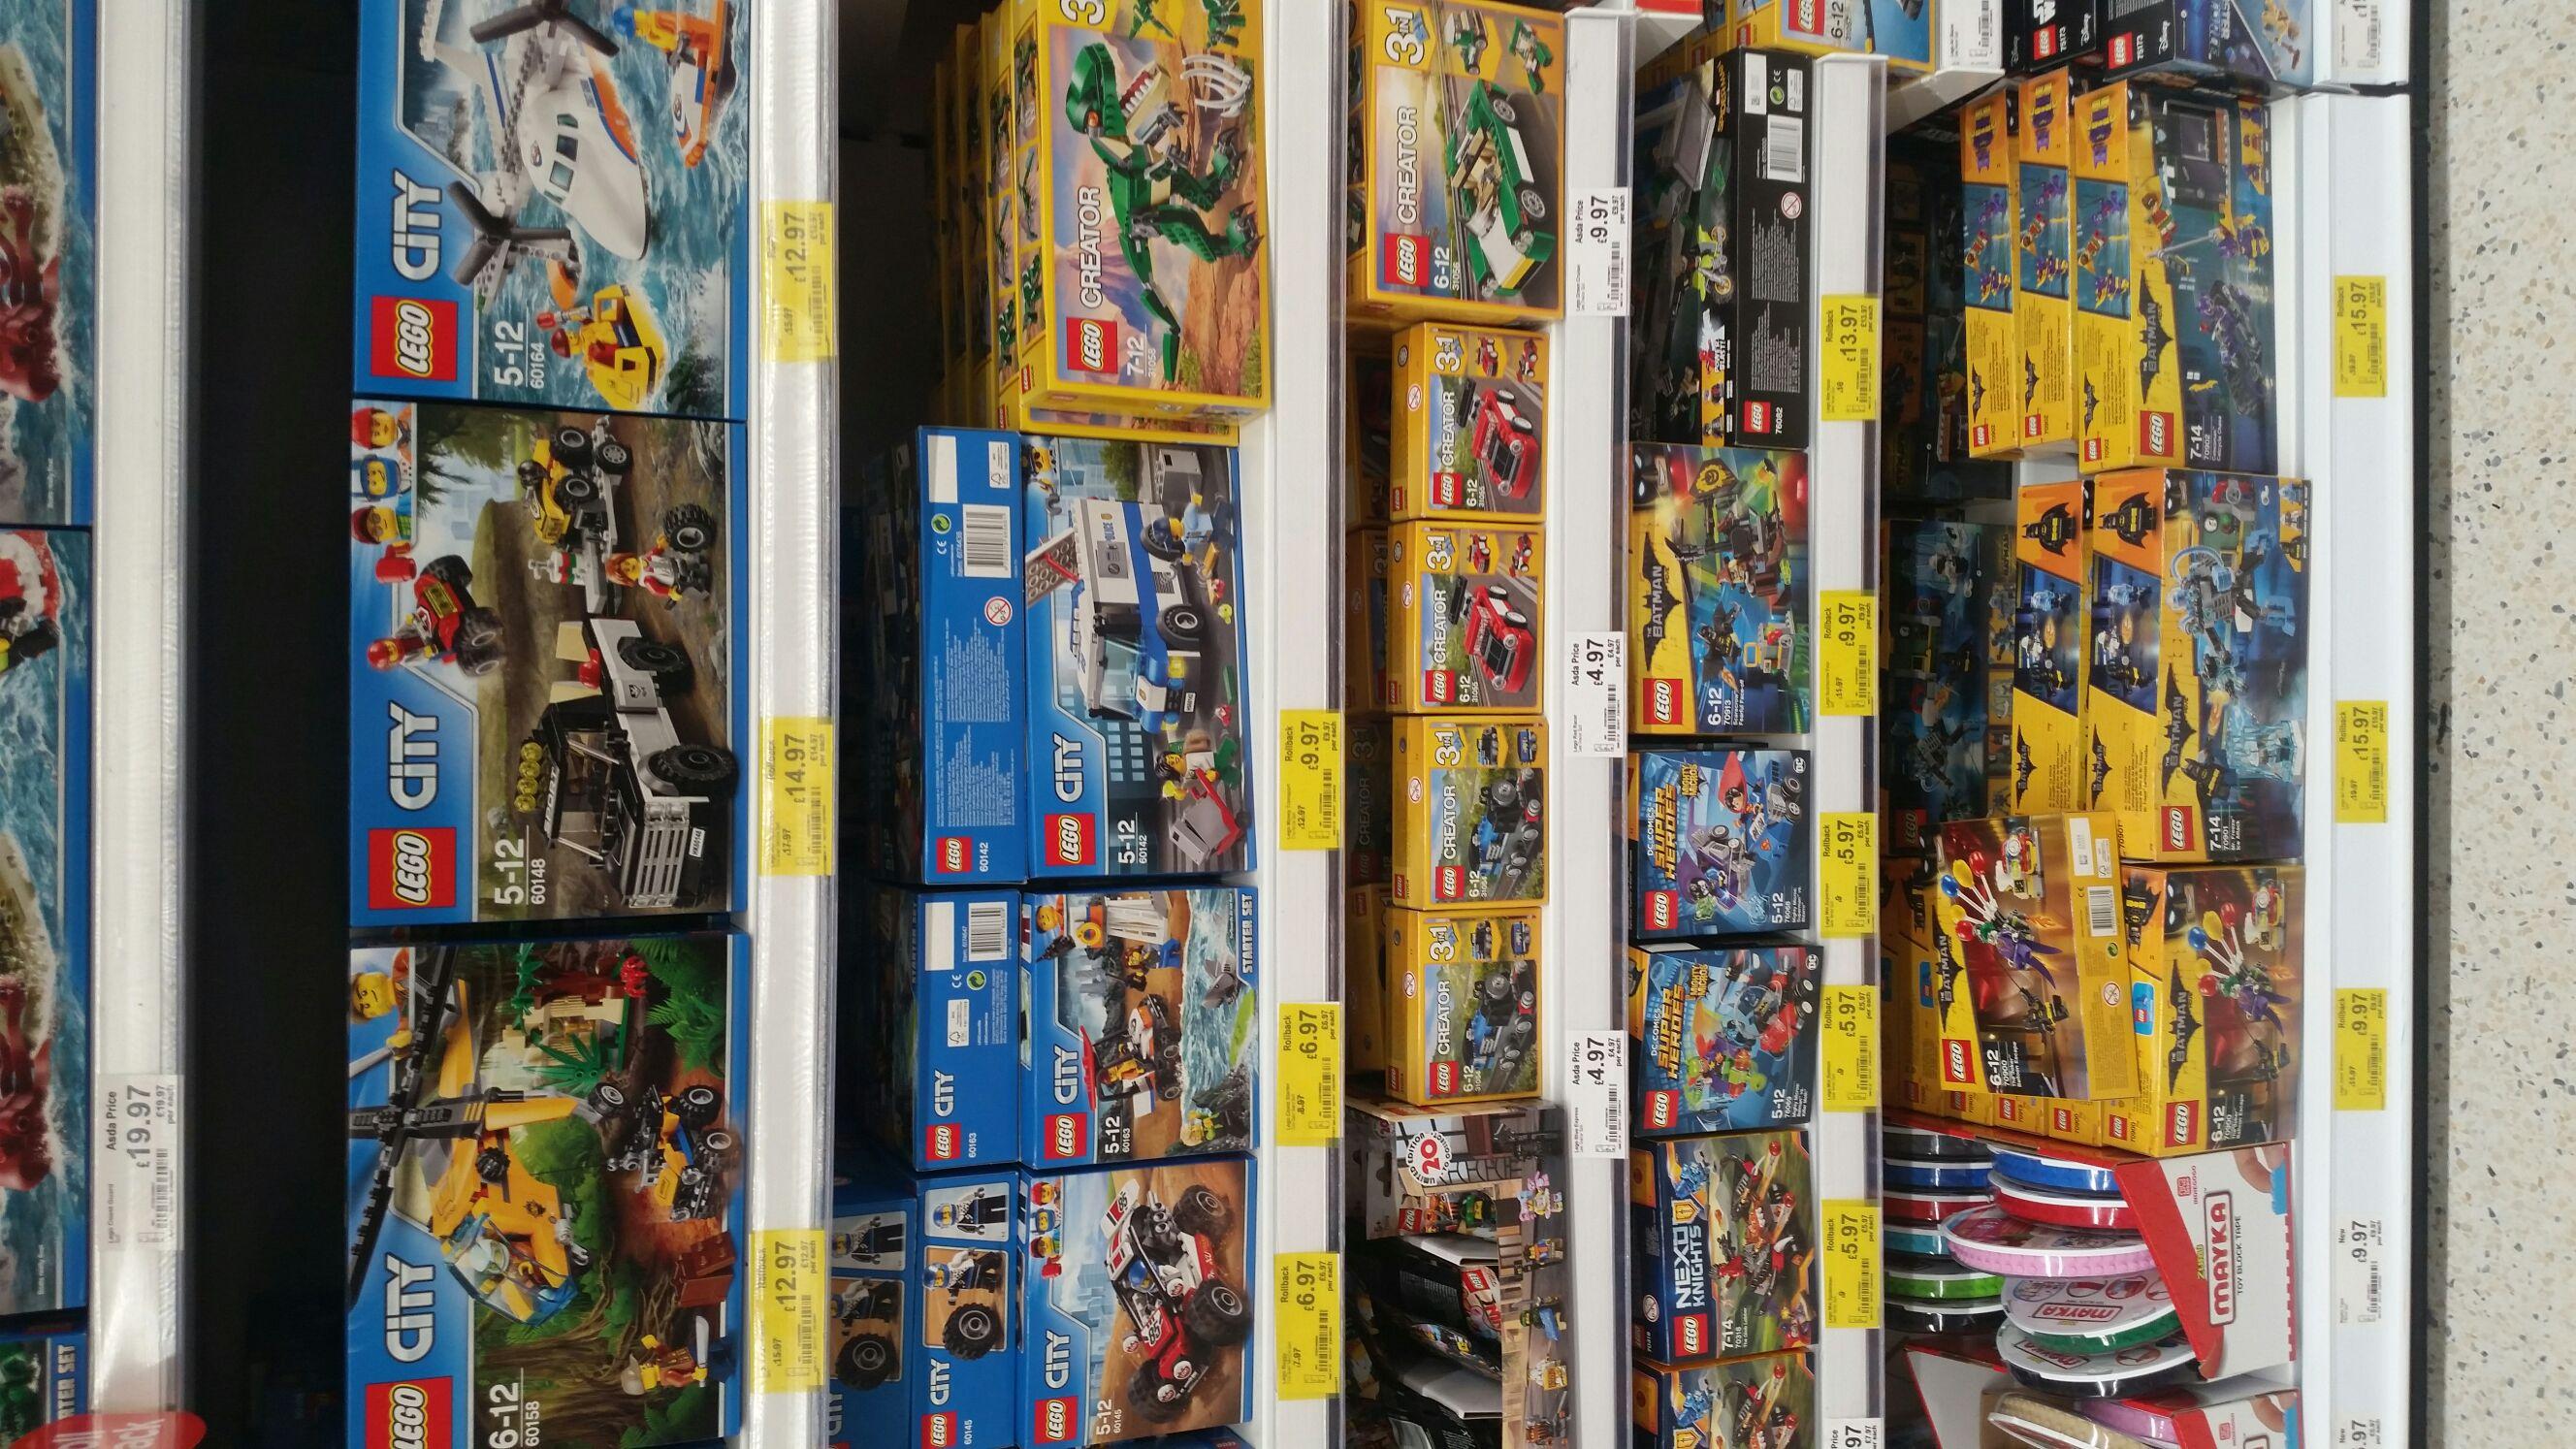 Lego rollback at Asda - Eastlands (Manchester)